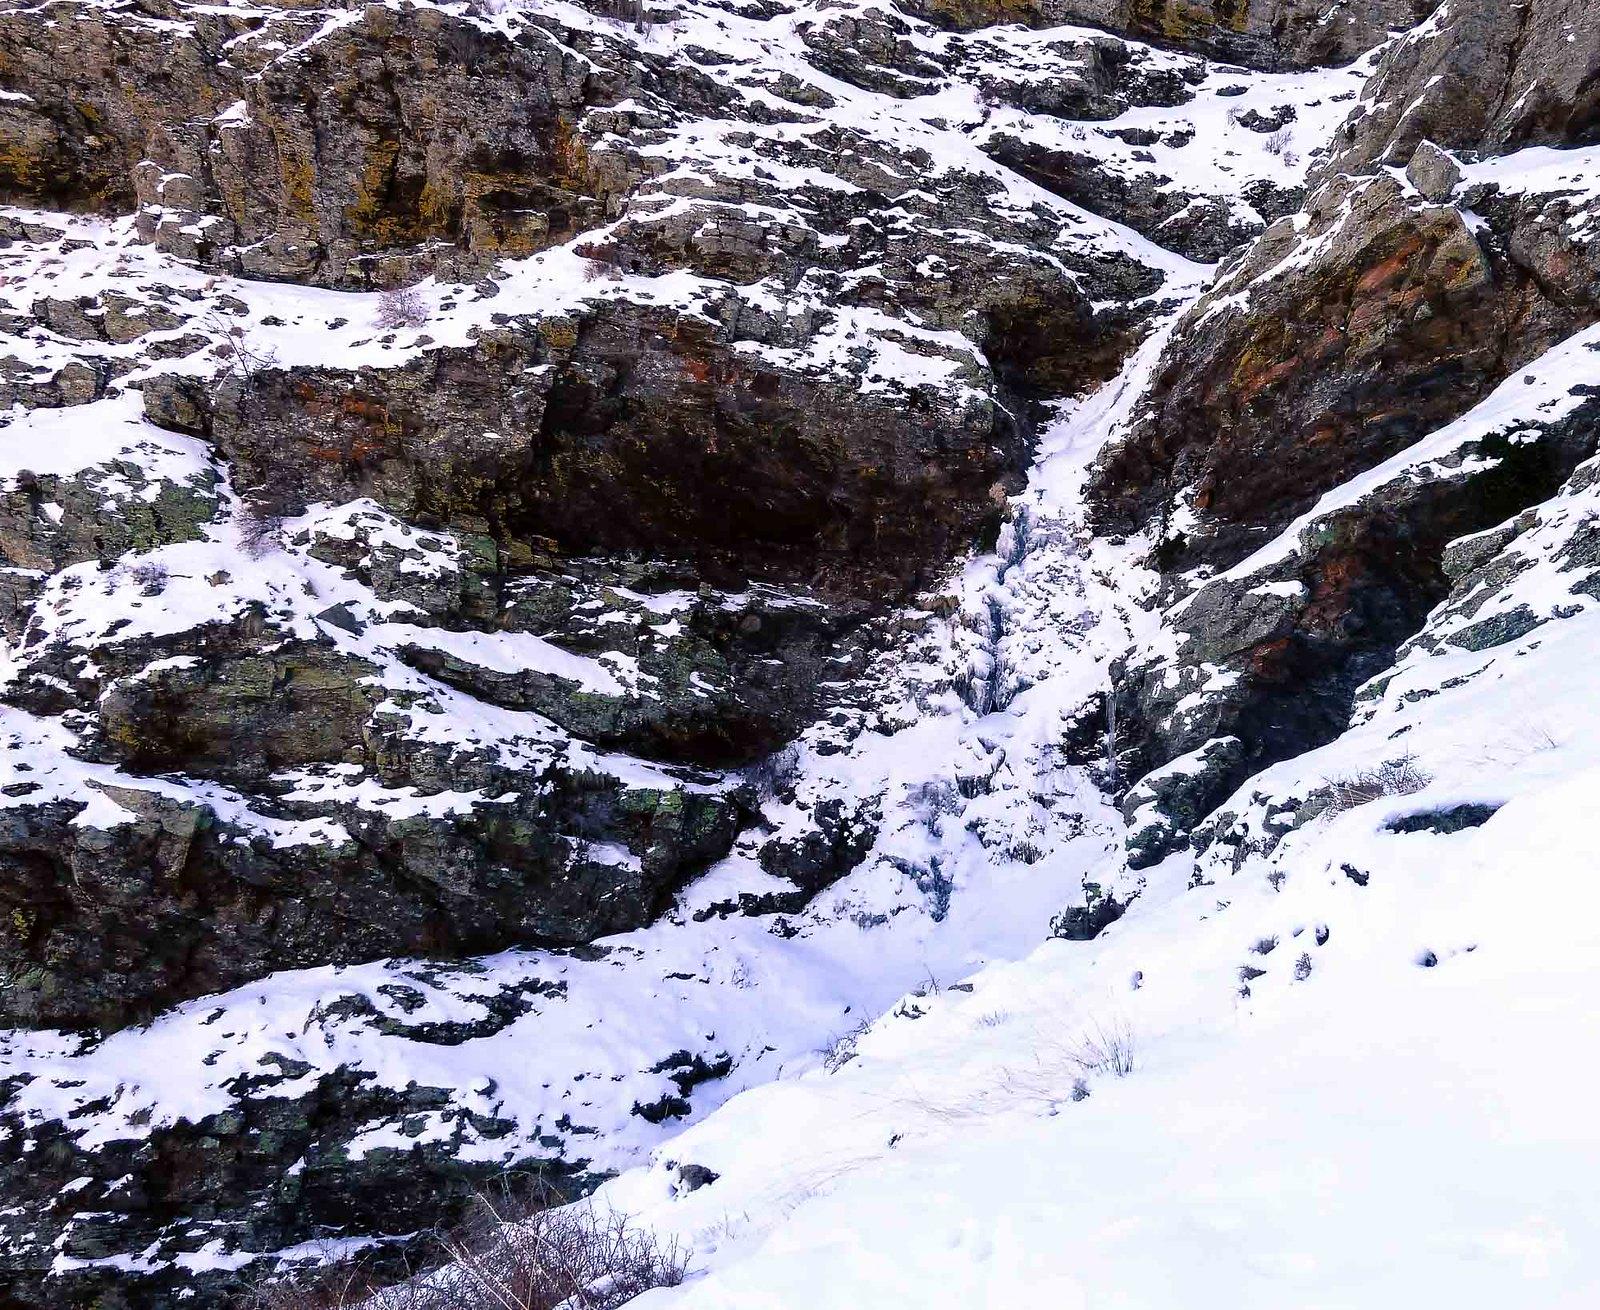 La cascada más grande está sin formar y nos obliga a buscar un paso lateral